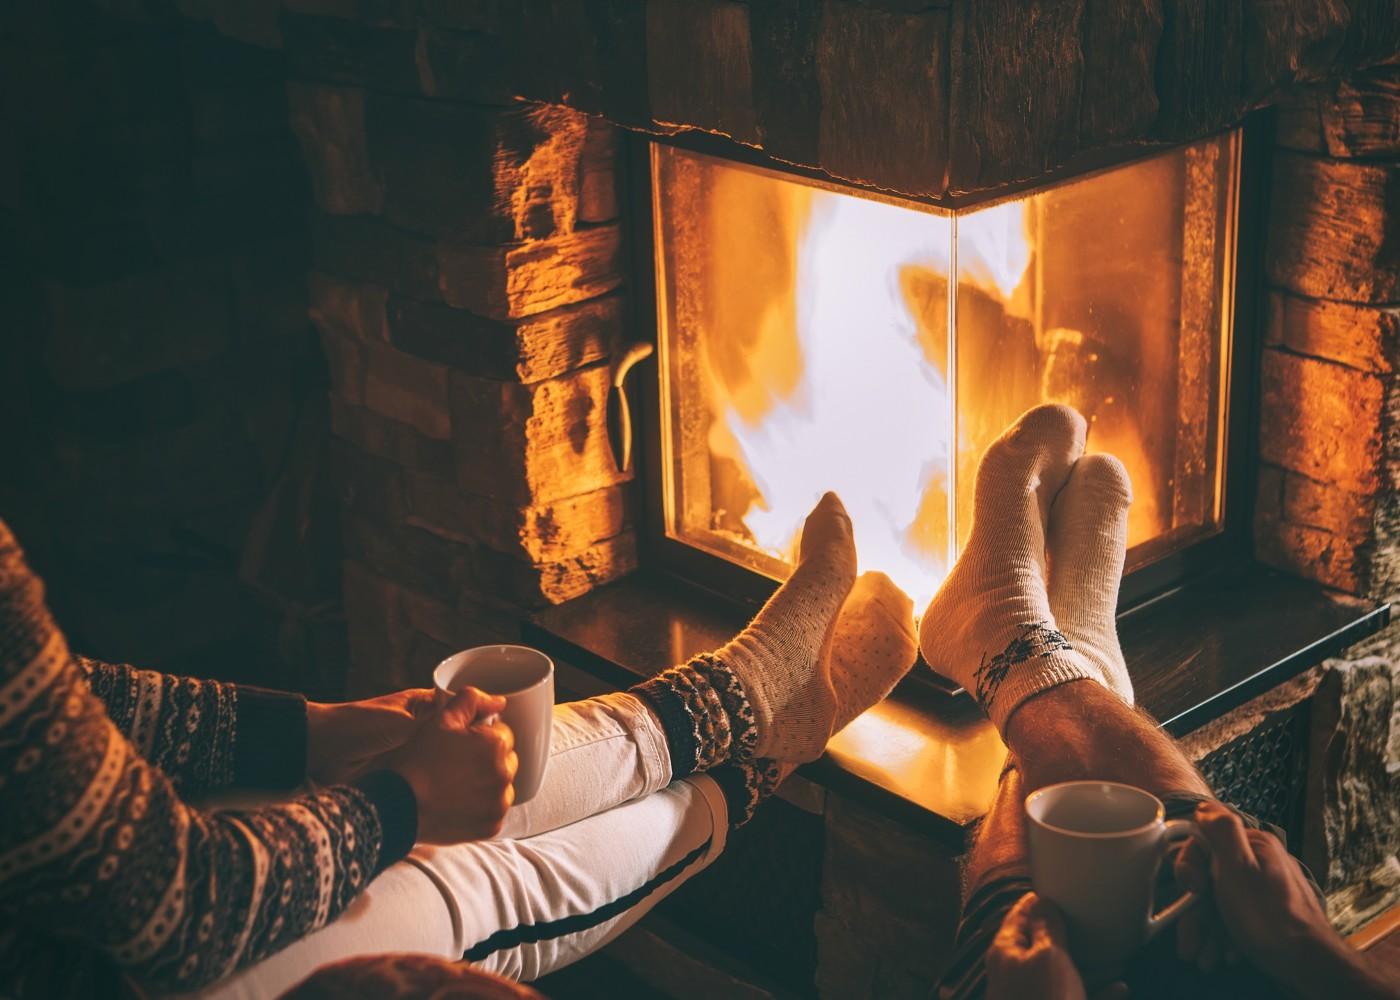 duas pessoas com pernas a aquecer com lareira